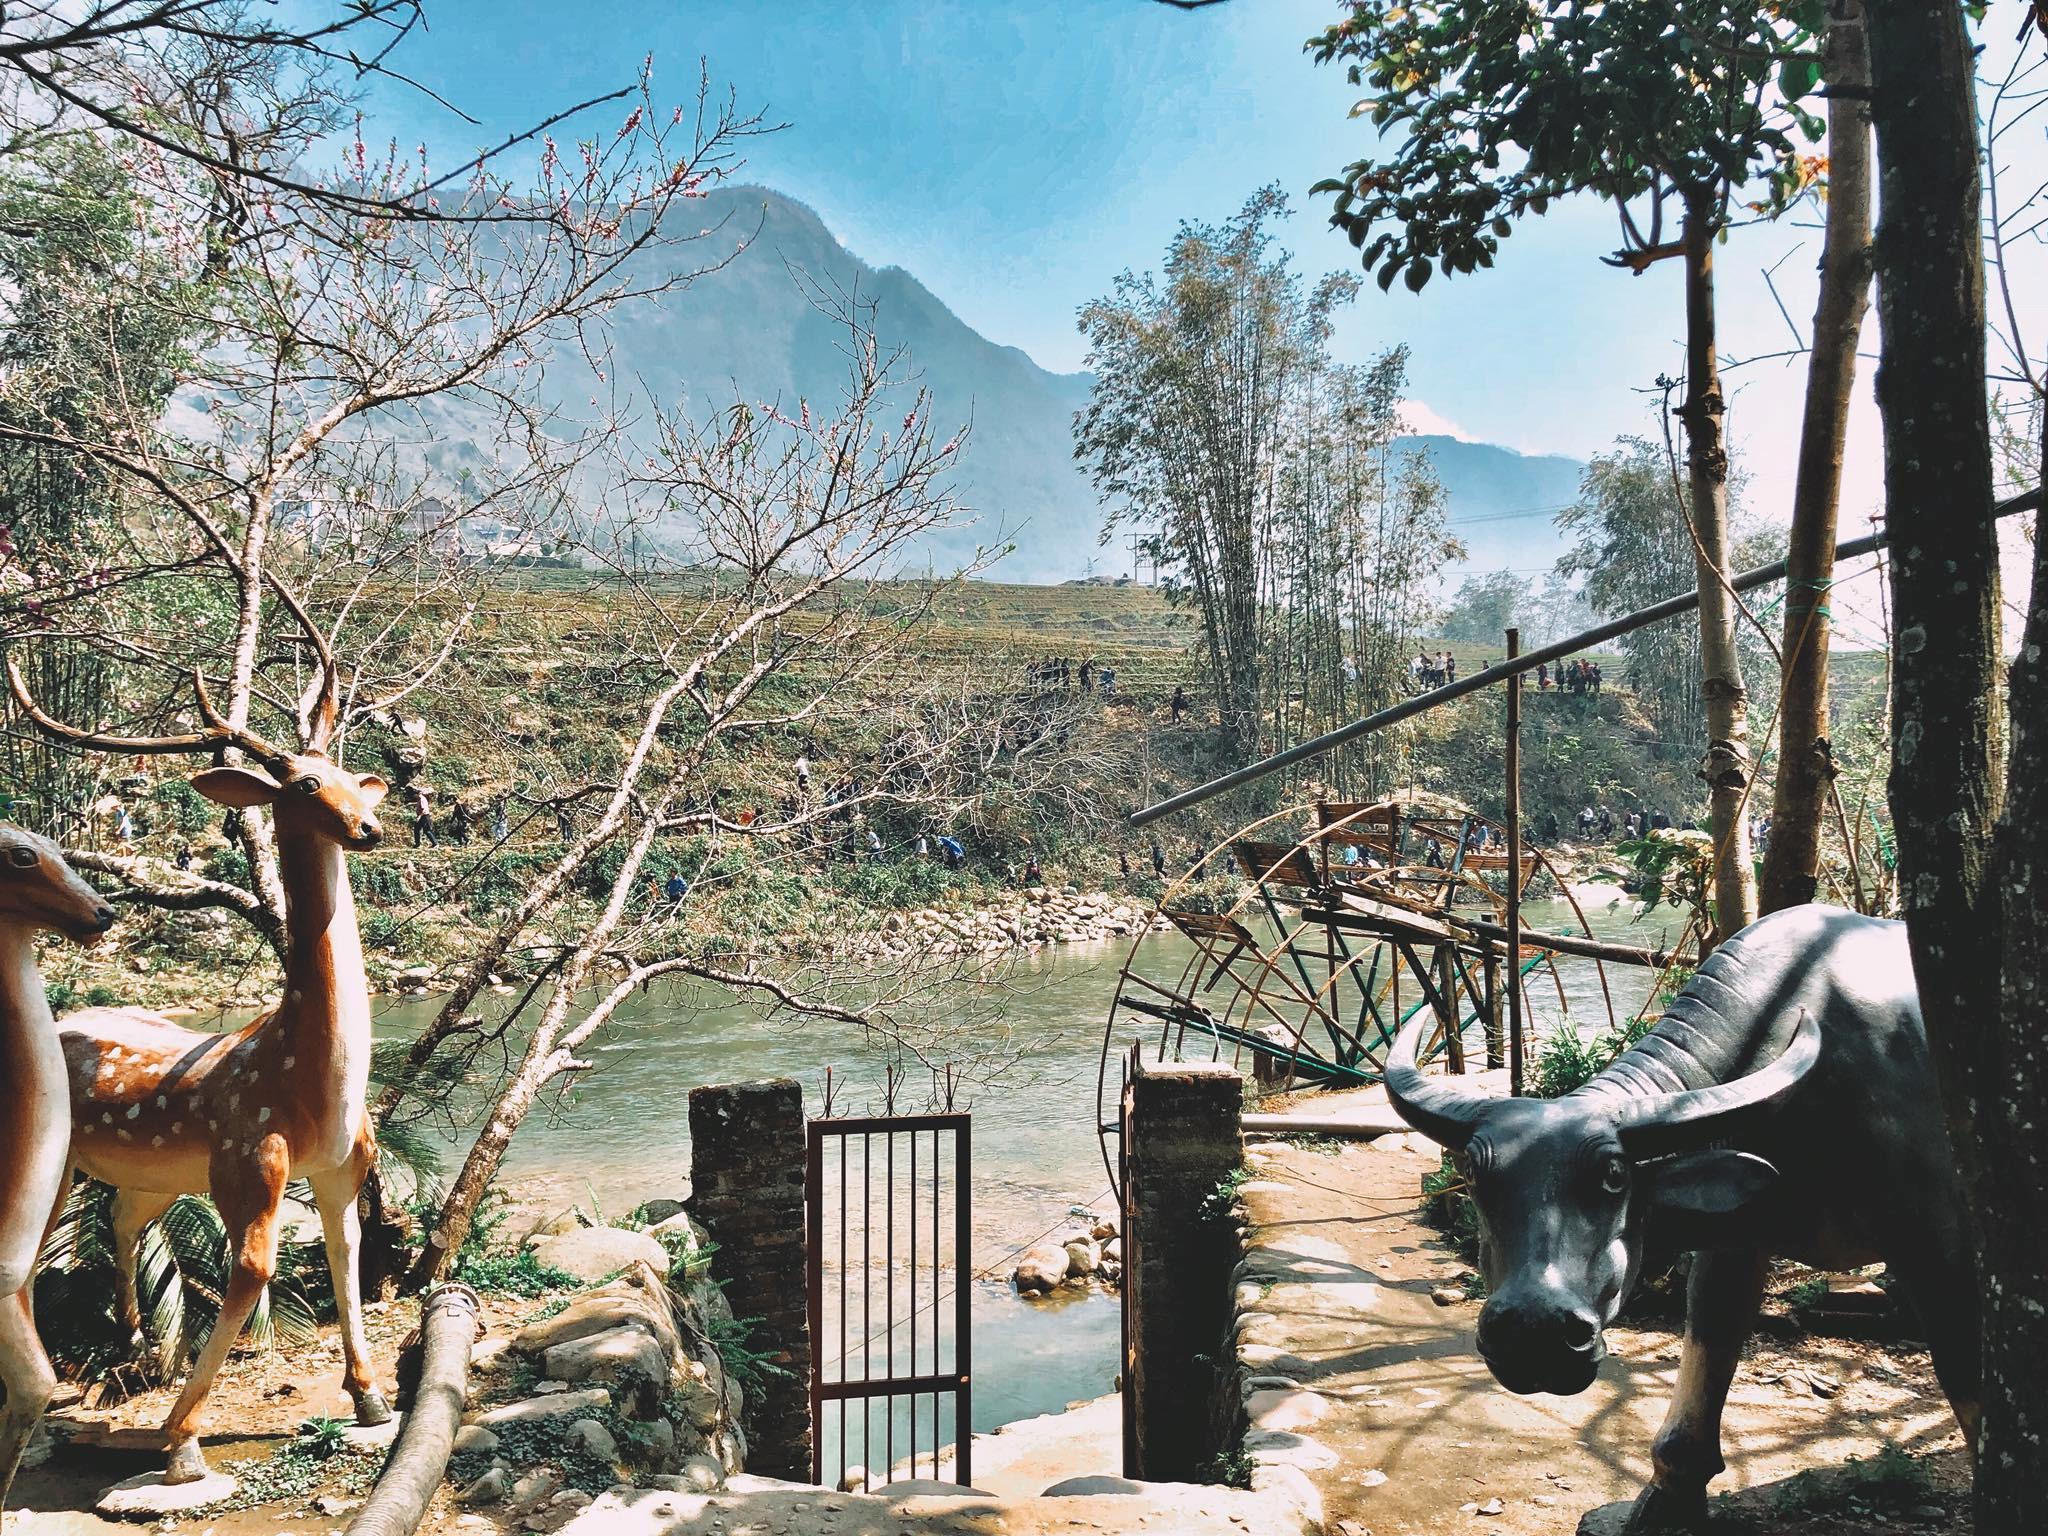 Bên cạnh đó, một nét đặc trưng của du lịch Sa Pa và cũng là trải nghiệm mà du khách rất yêu thích đó là đi bộ tham quan các bản làng. Như bản Cát Cát, Tả Phìn, Sín Chải, Tả Van… Lội suối, đi cầu treo, băng qua các thửa ruộng bậc thang, bạn đến với nơi cư ngụ của đồng bào các dân tộc H'Mông, Dao Đỏ, Tày… Ảnh: Bản Cát Cát - Cat Cat Village, @d.l.829.